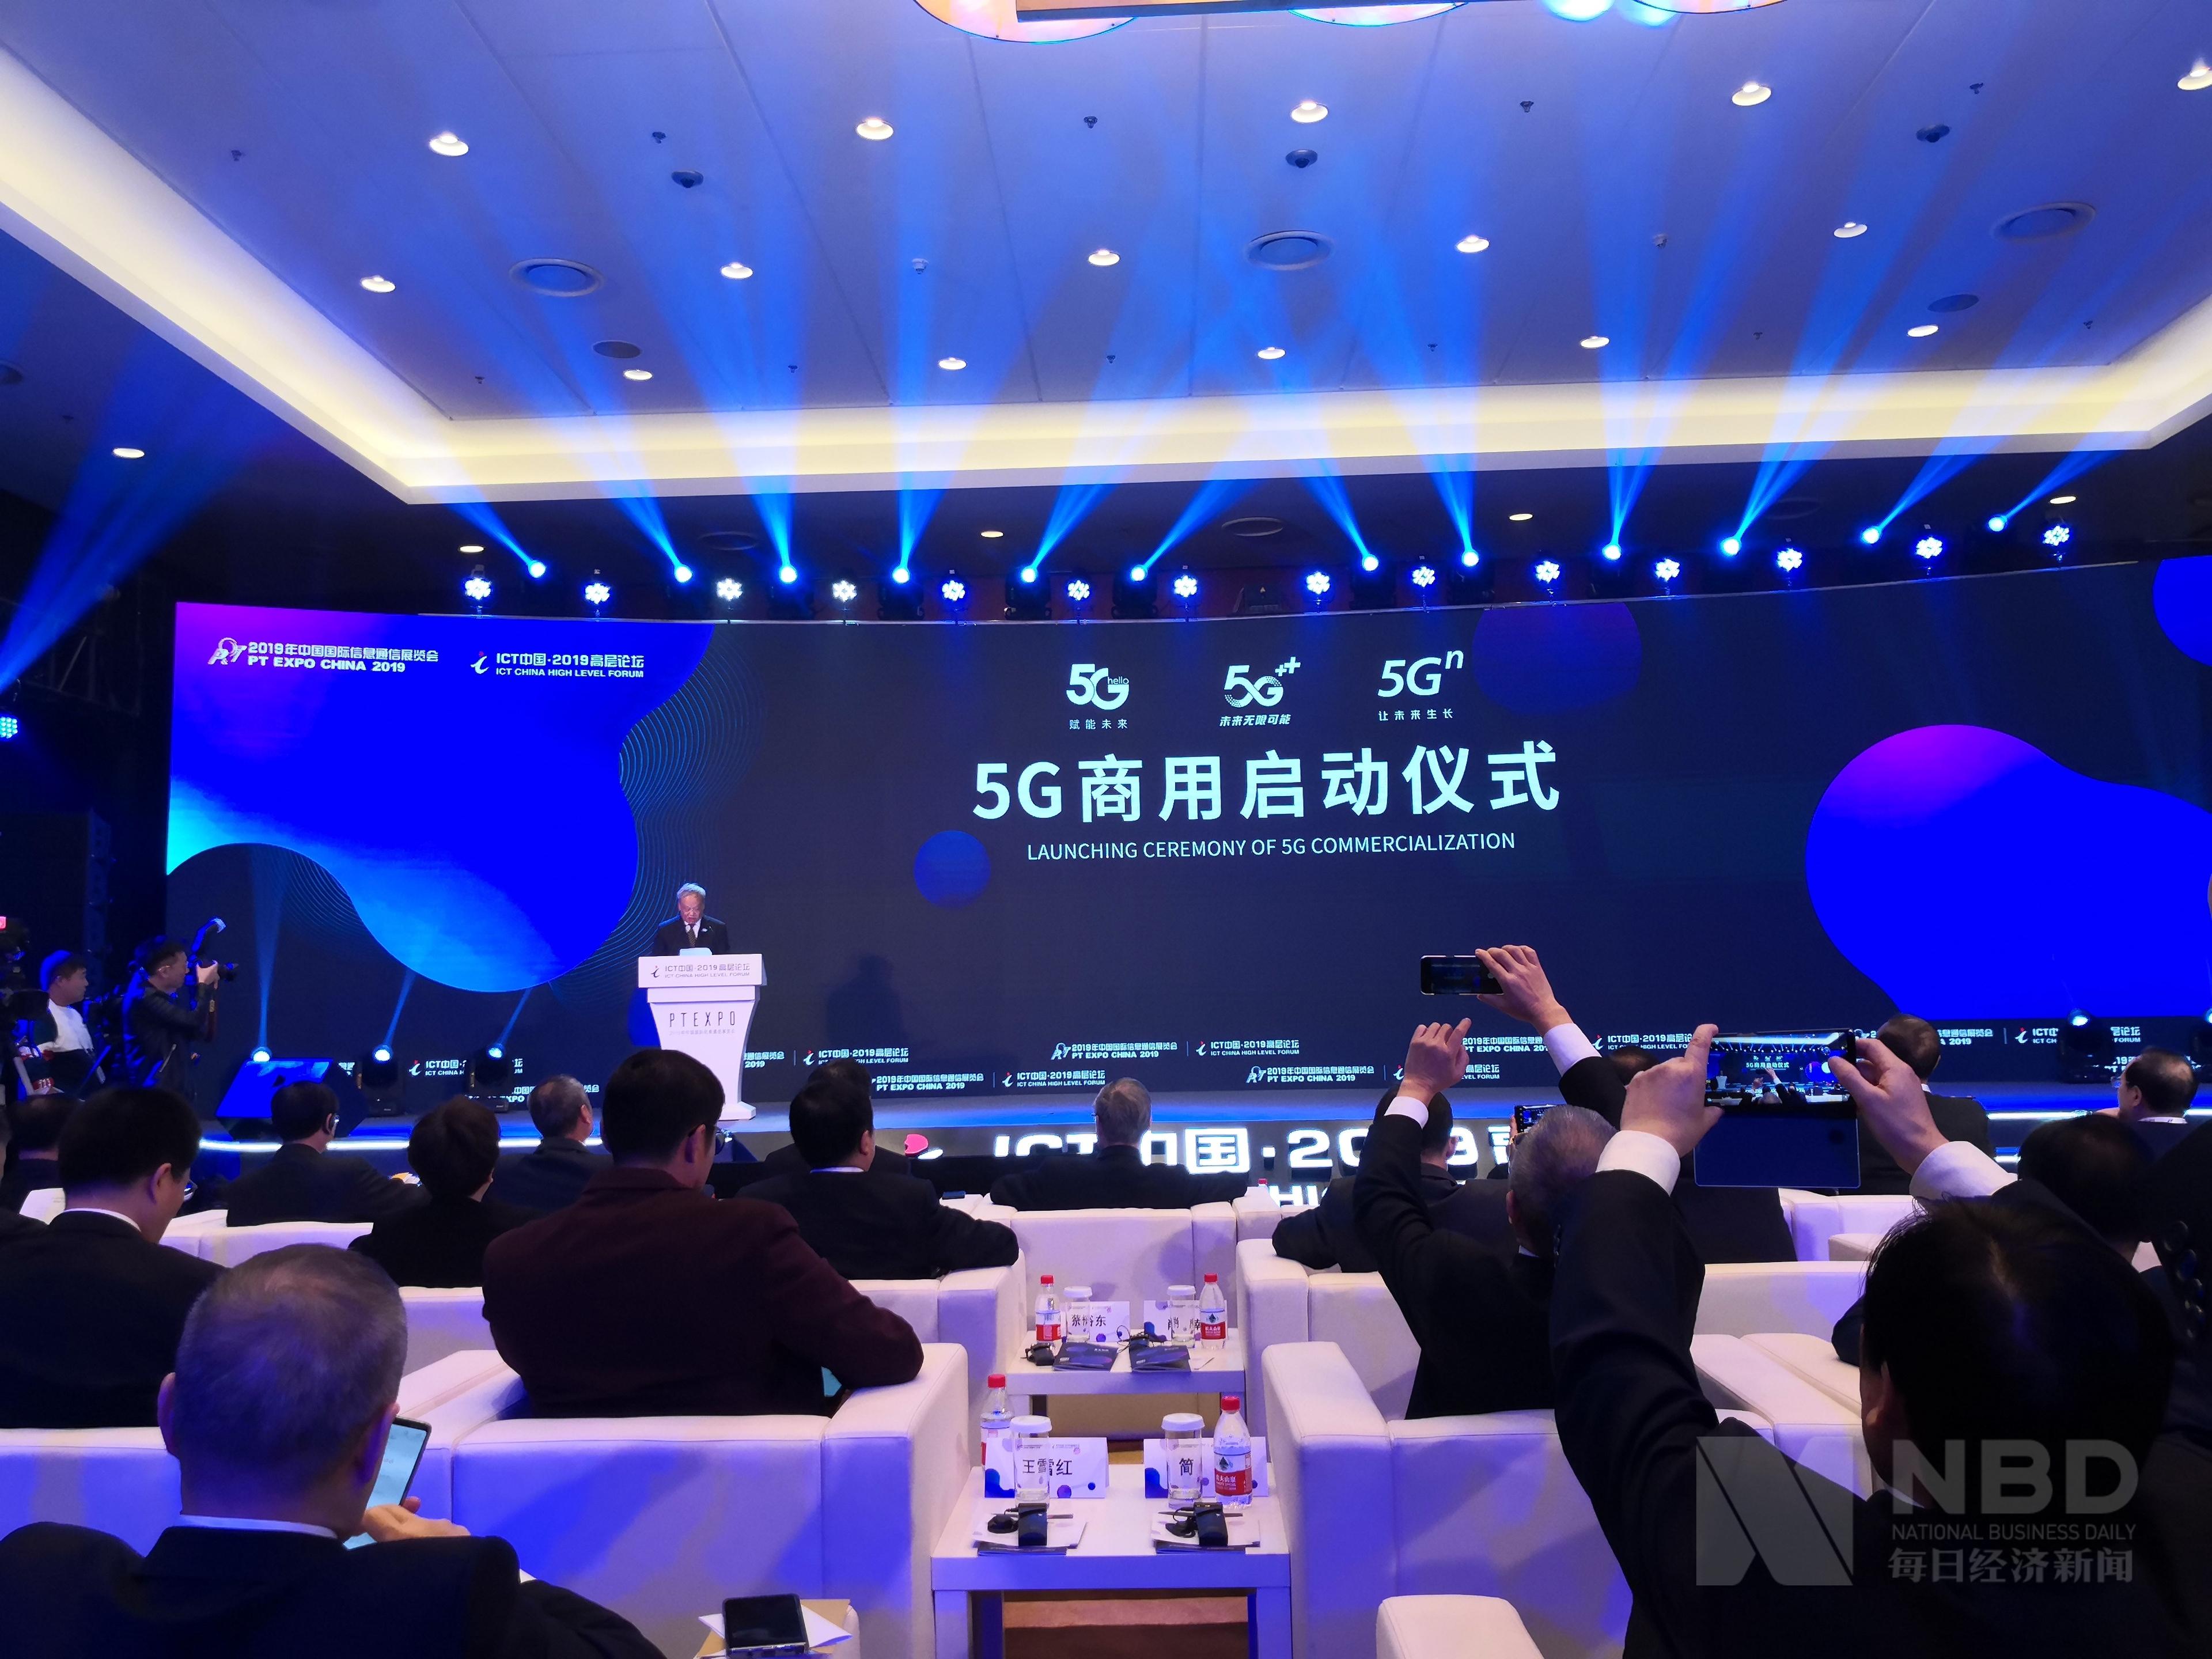 中国移动集团副总经理预计 2025年中国5G用户数将超全球三分之一